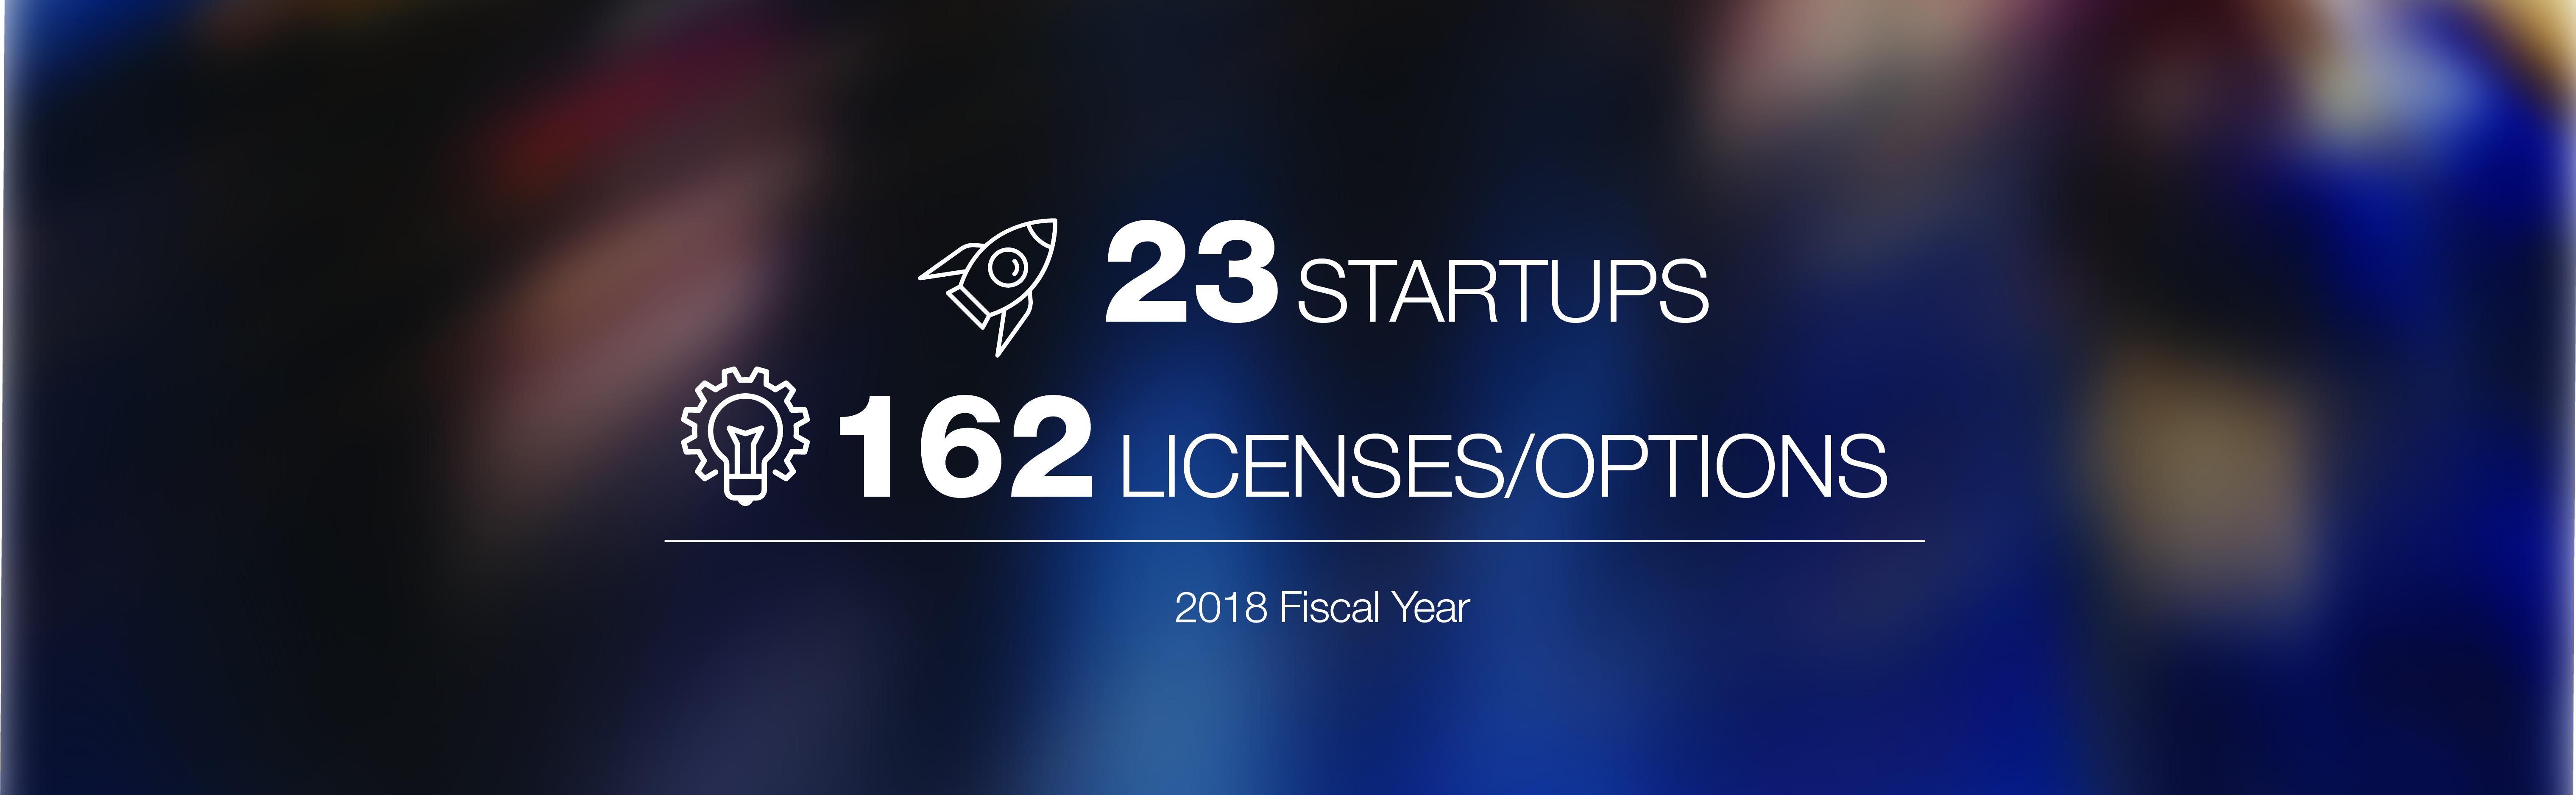 300-Startups Licenses 2018-2.jpg